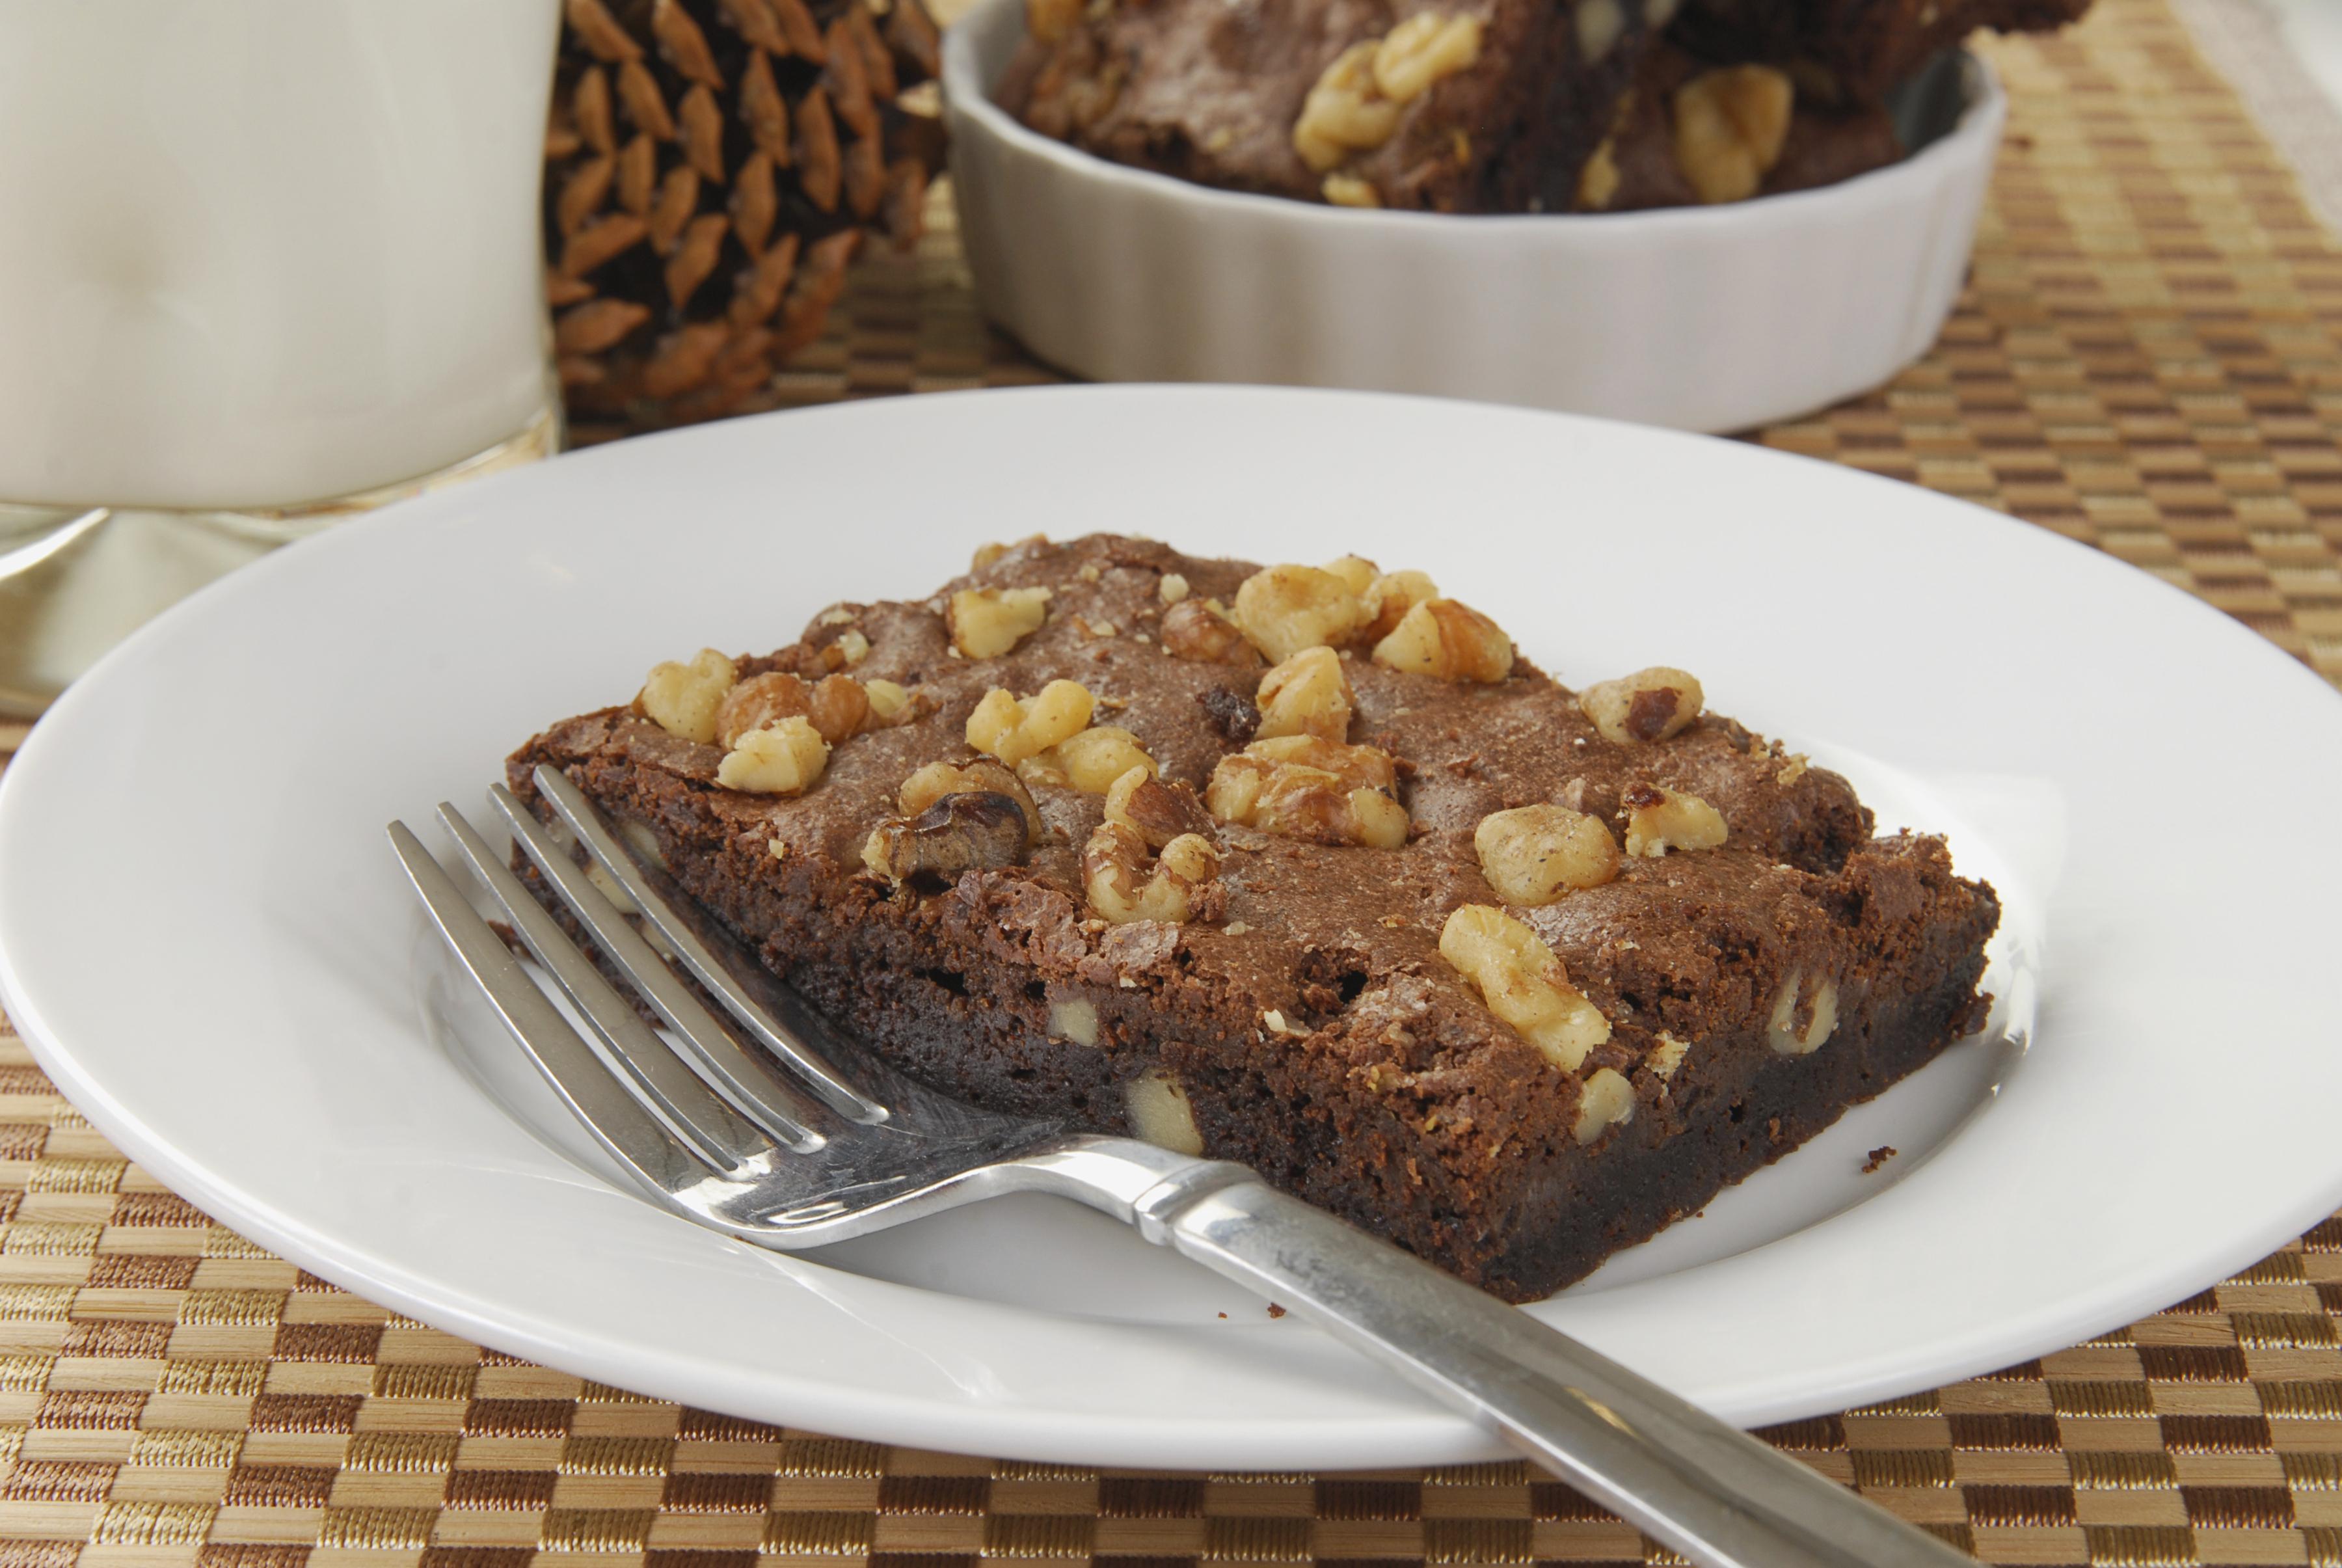 Brownie de chocolate con nueces casero